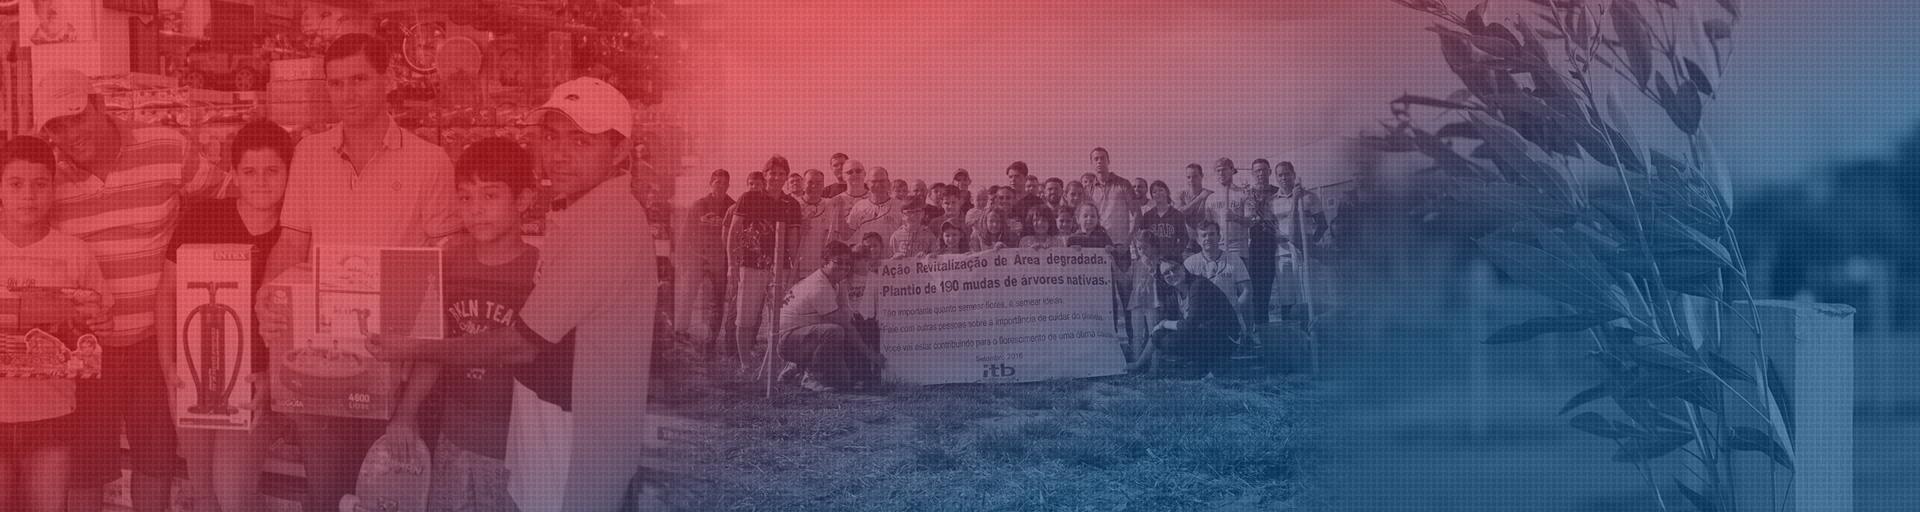 sustentabilidade-itb-transformadores